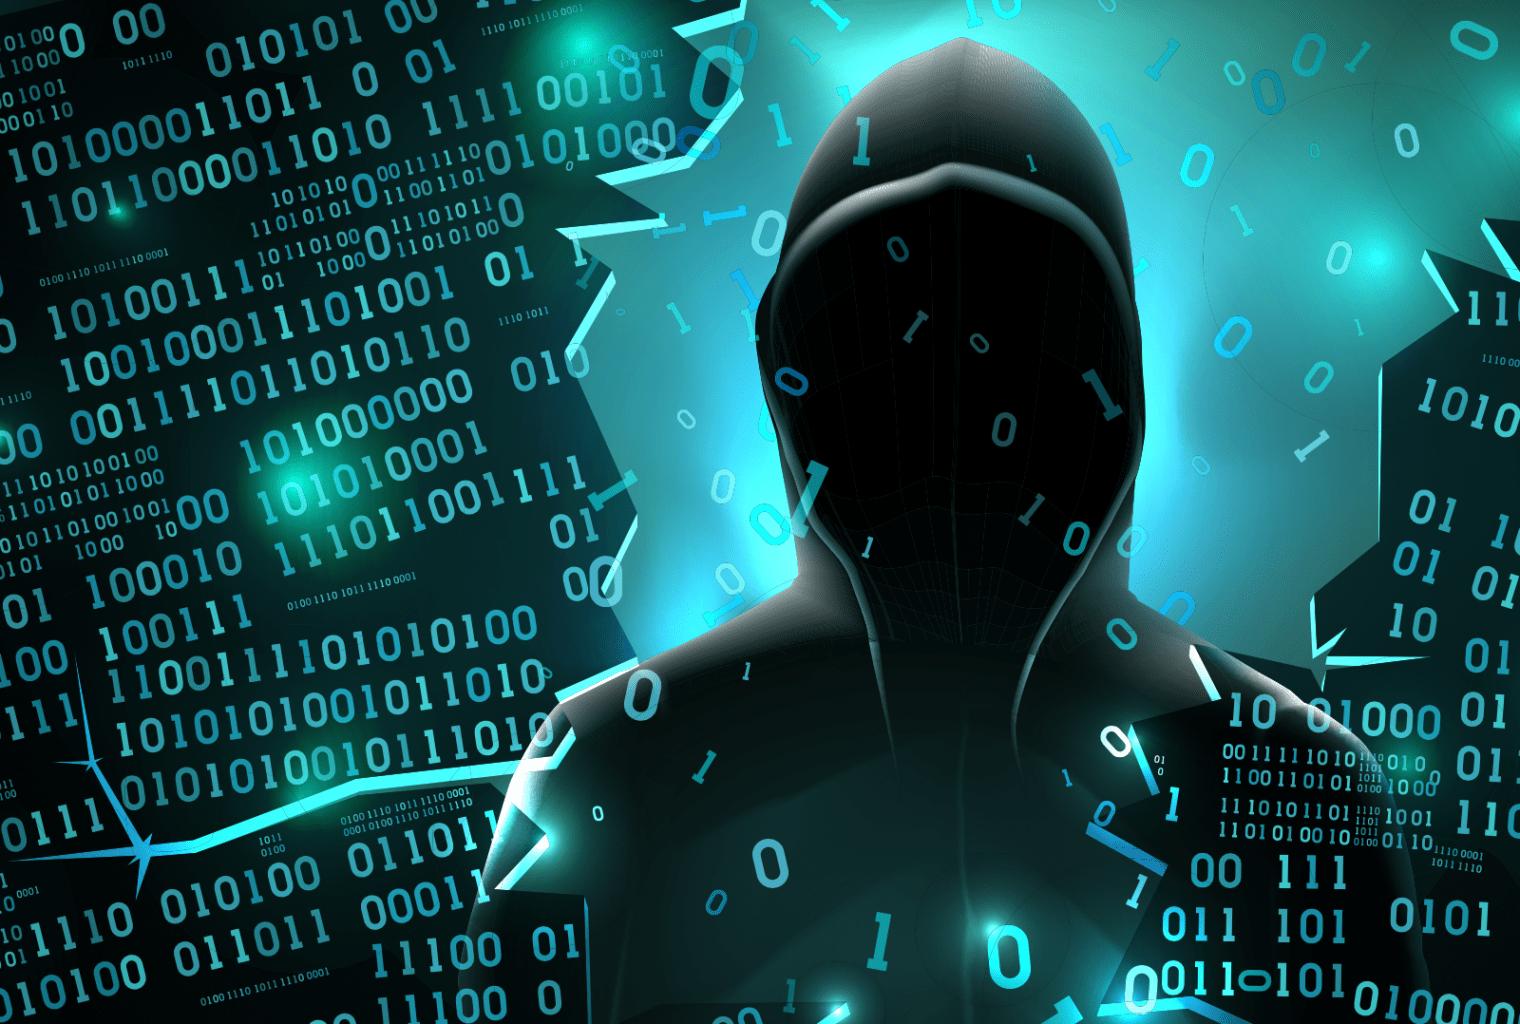 giá bitcoin: Nghi vấn UpBit bị hack sau khi một lượng tiền lớn chảy khỏi sàn vào một ví bí ẩn